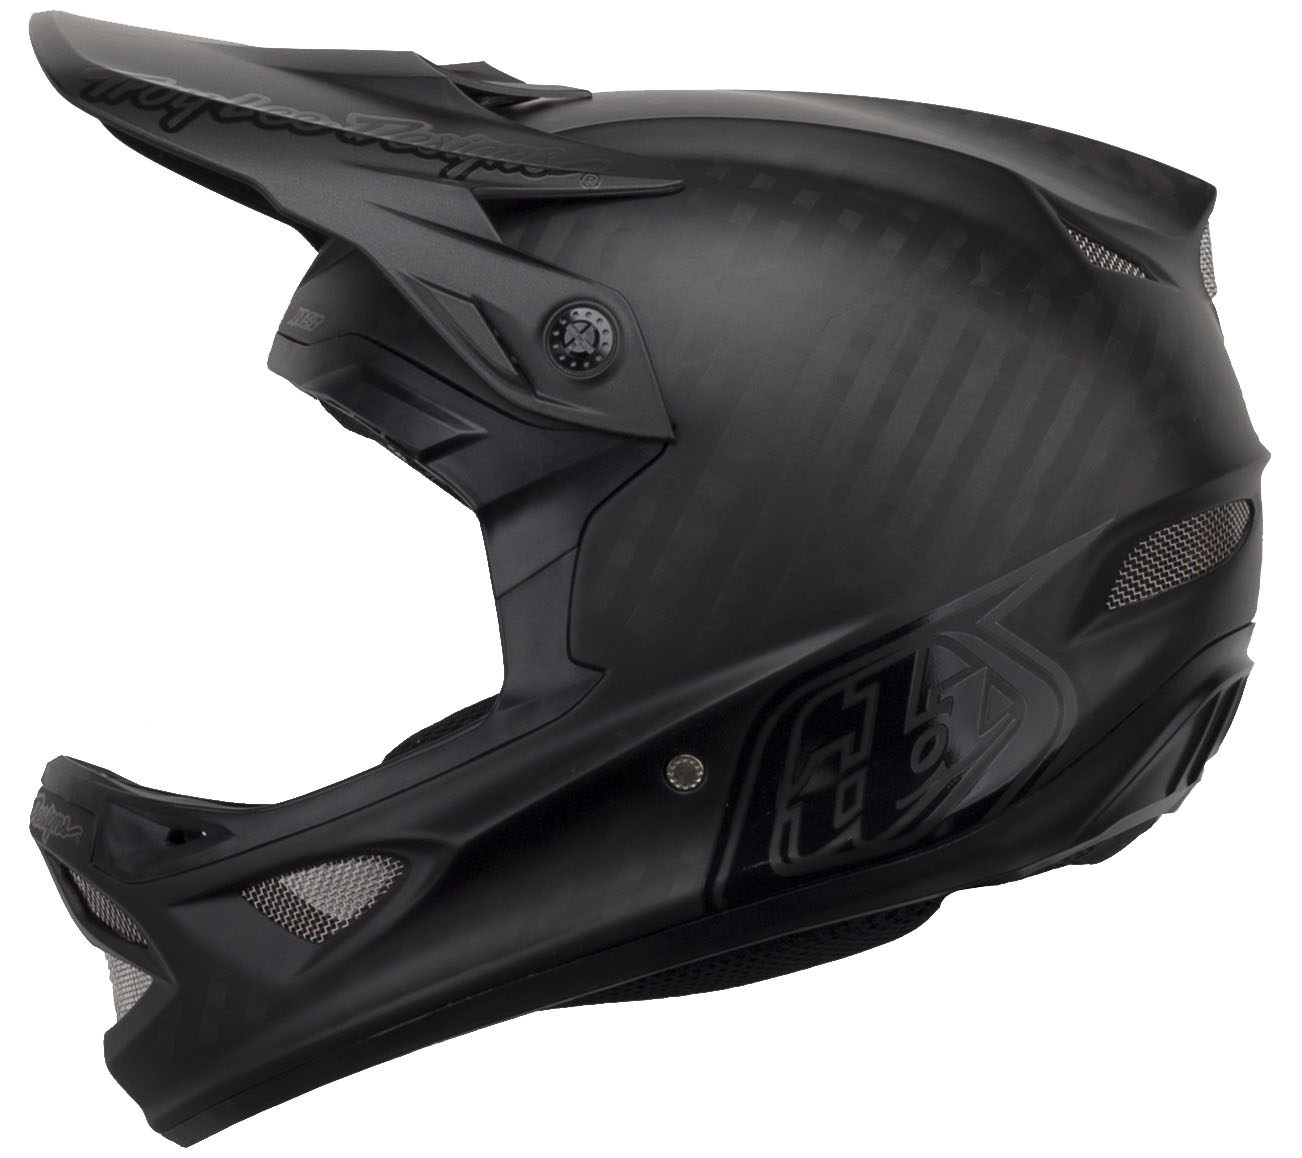 Troy Lee Designs Helmet >> Troy Lee Designs D3 Carbon Mips Helmet